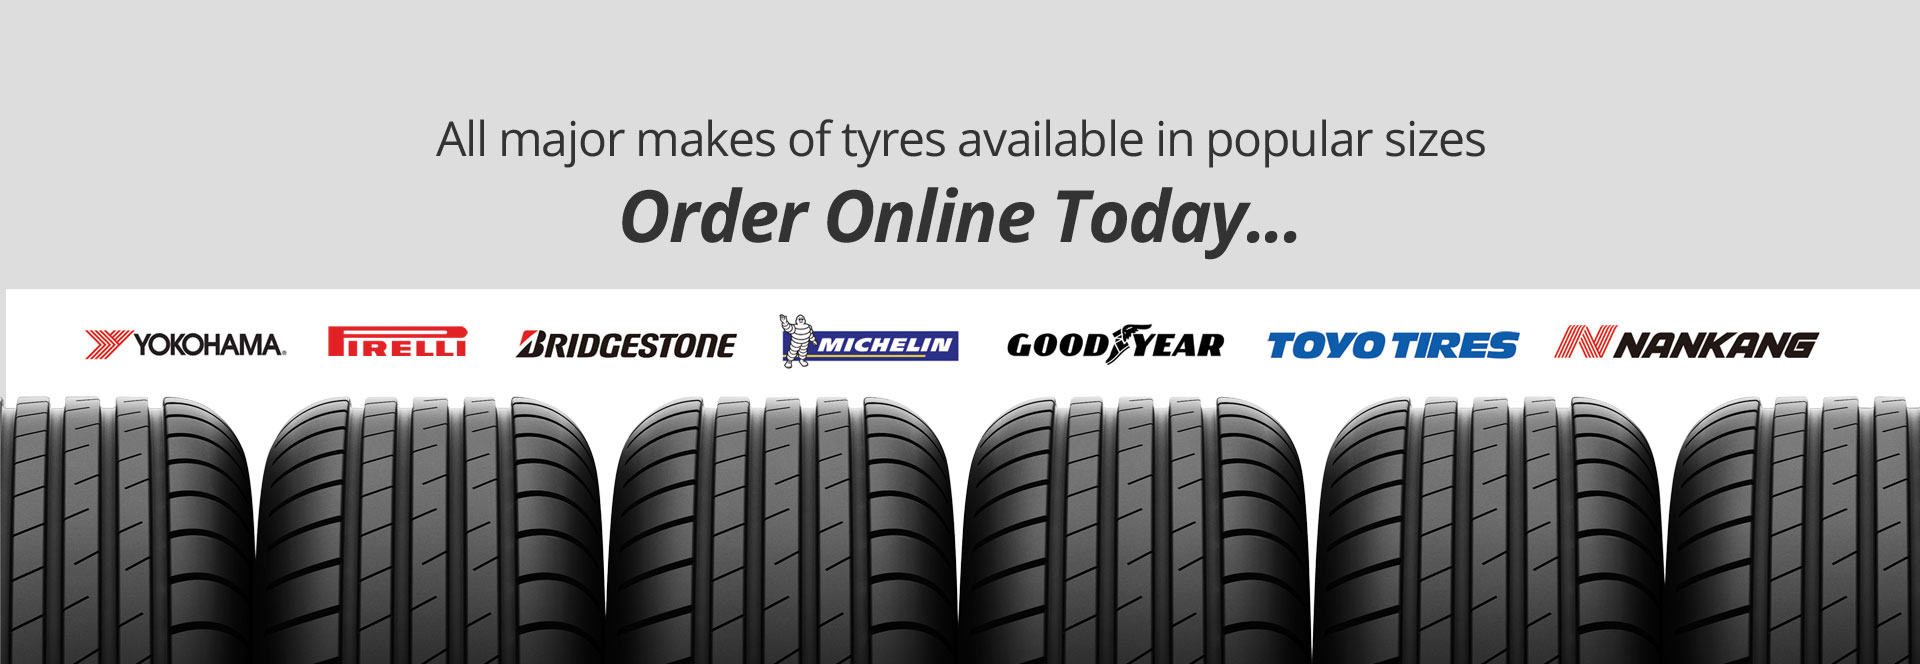 order-tyres-online